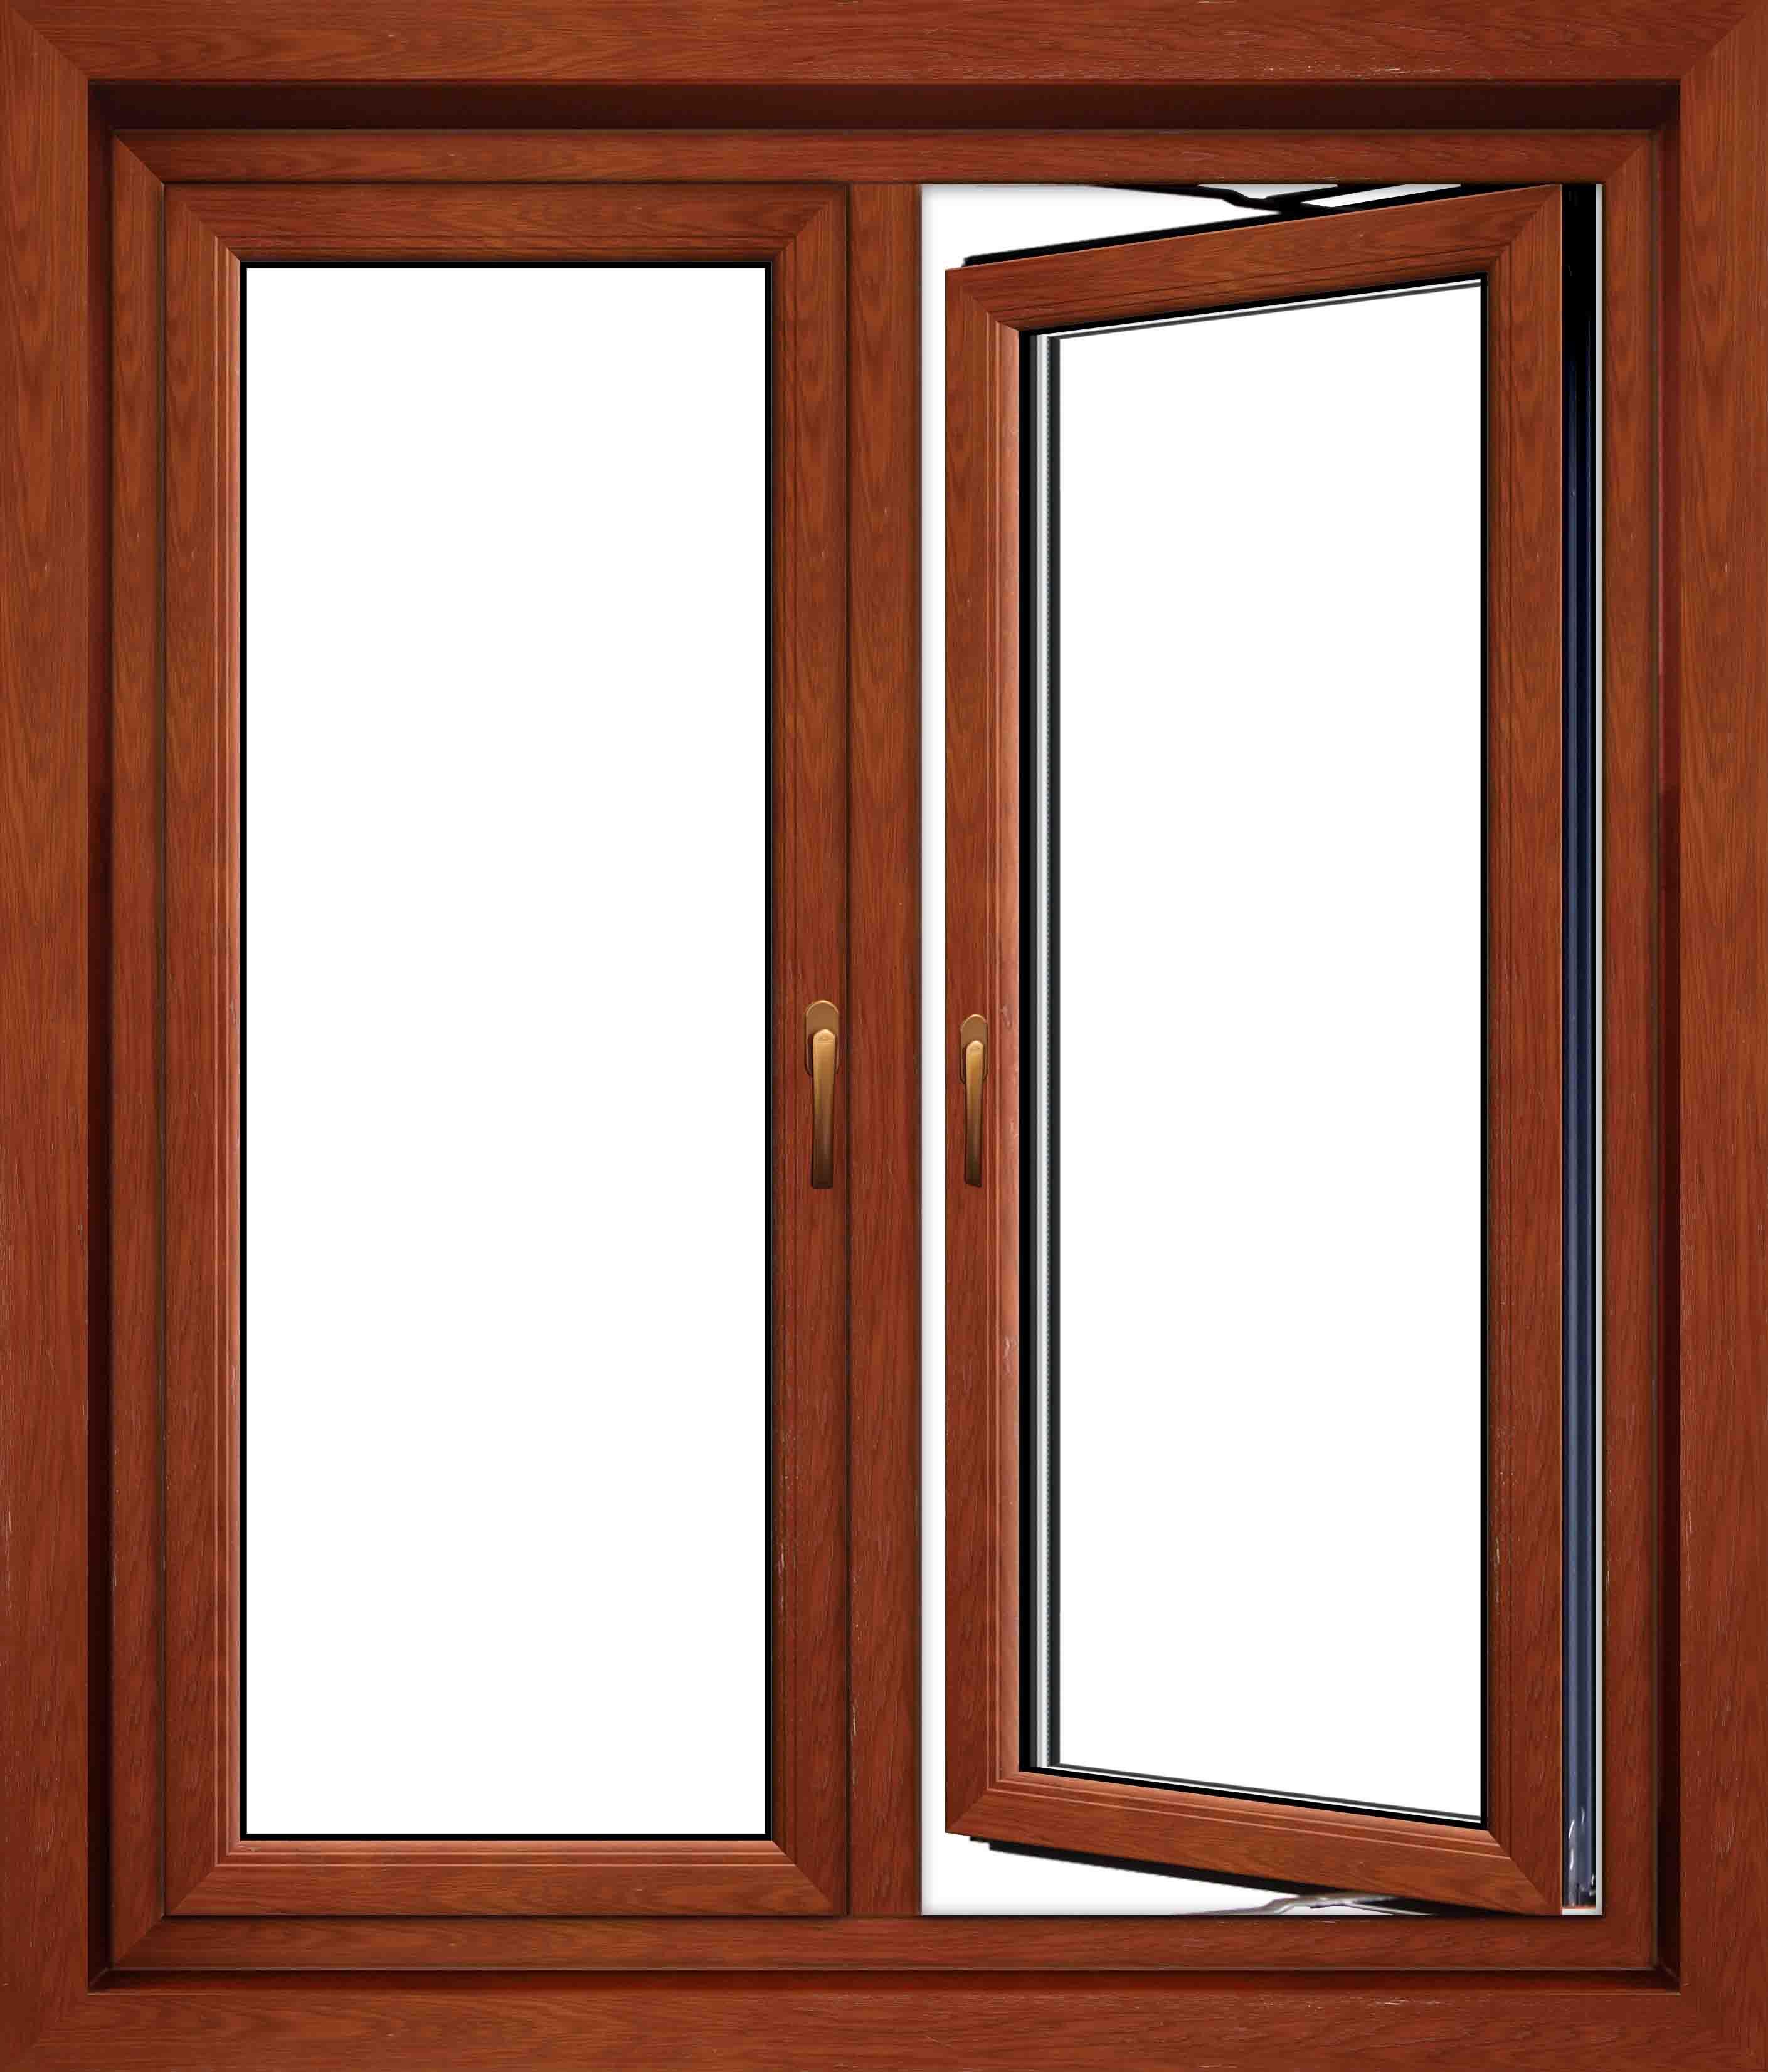 驰逢门窗主要经营:铝木复合门窗、铝包木门窗、纯实木门窗、铝木阳光房等,驰逢门窗各系列产品款式多样,严格的执行国家标准,产品具有密封、隔音、保温等性能,具其高贵典雅、亲和自然的外观和性能优越的结构特点。并根据用途,设计不同的窗型,满足民用住宅、商用公寓、宾馆酒店、别墅等不同建筑形式的最佳使用功能。近几来,全国各地中小型门窗企业日益兴起,让整个行业的竞争愈加激烈,近年来房地产市场的波动,对建材家居行业多少也有些影响。所以这一能力,在当下不断急剧变化的市场潮流中,门窗行业应该如何让发展,企业又应该如何布局,才能